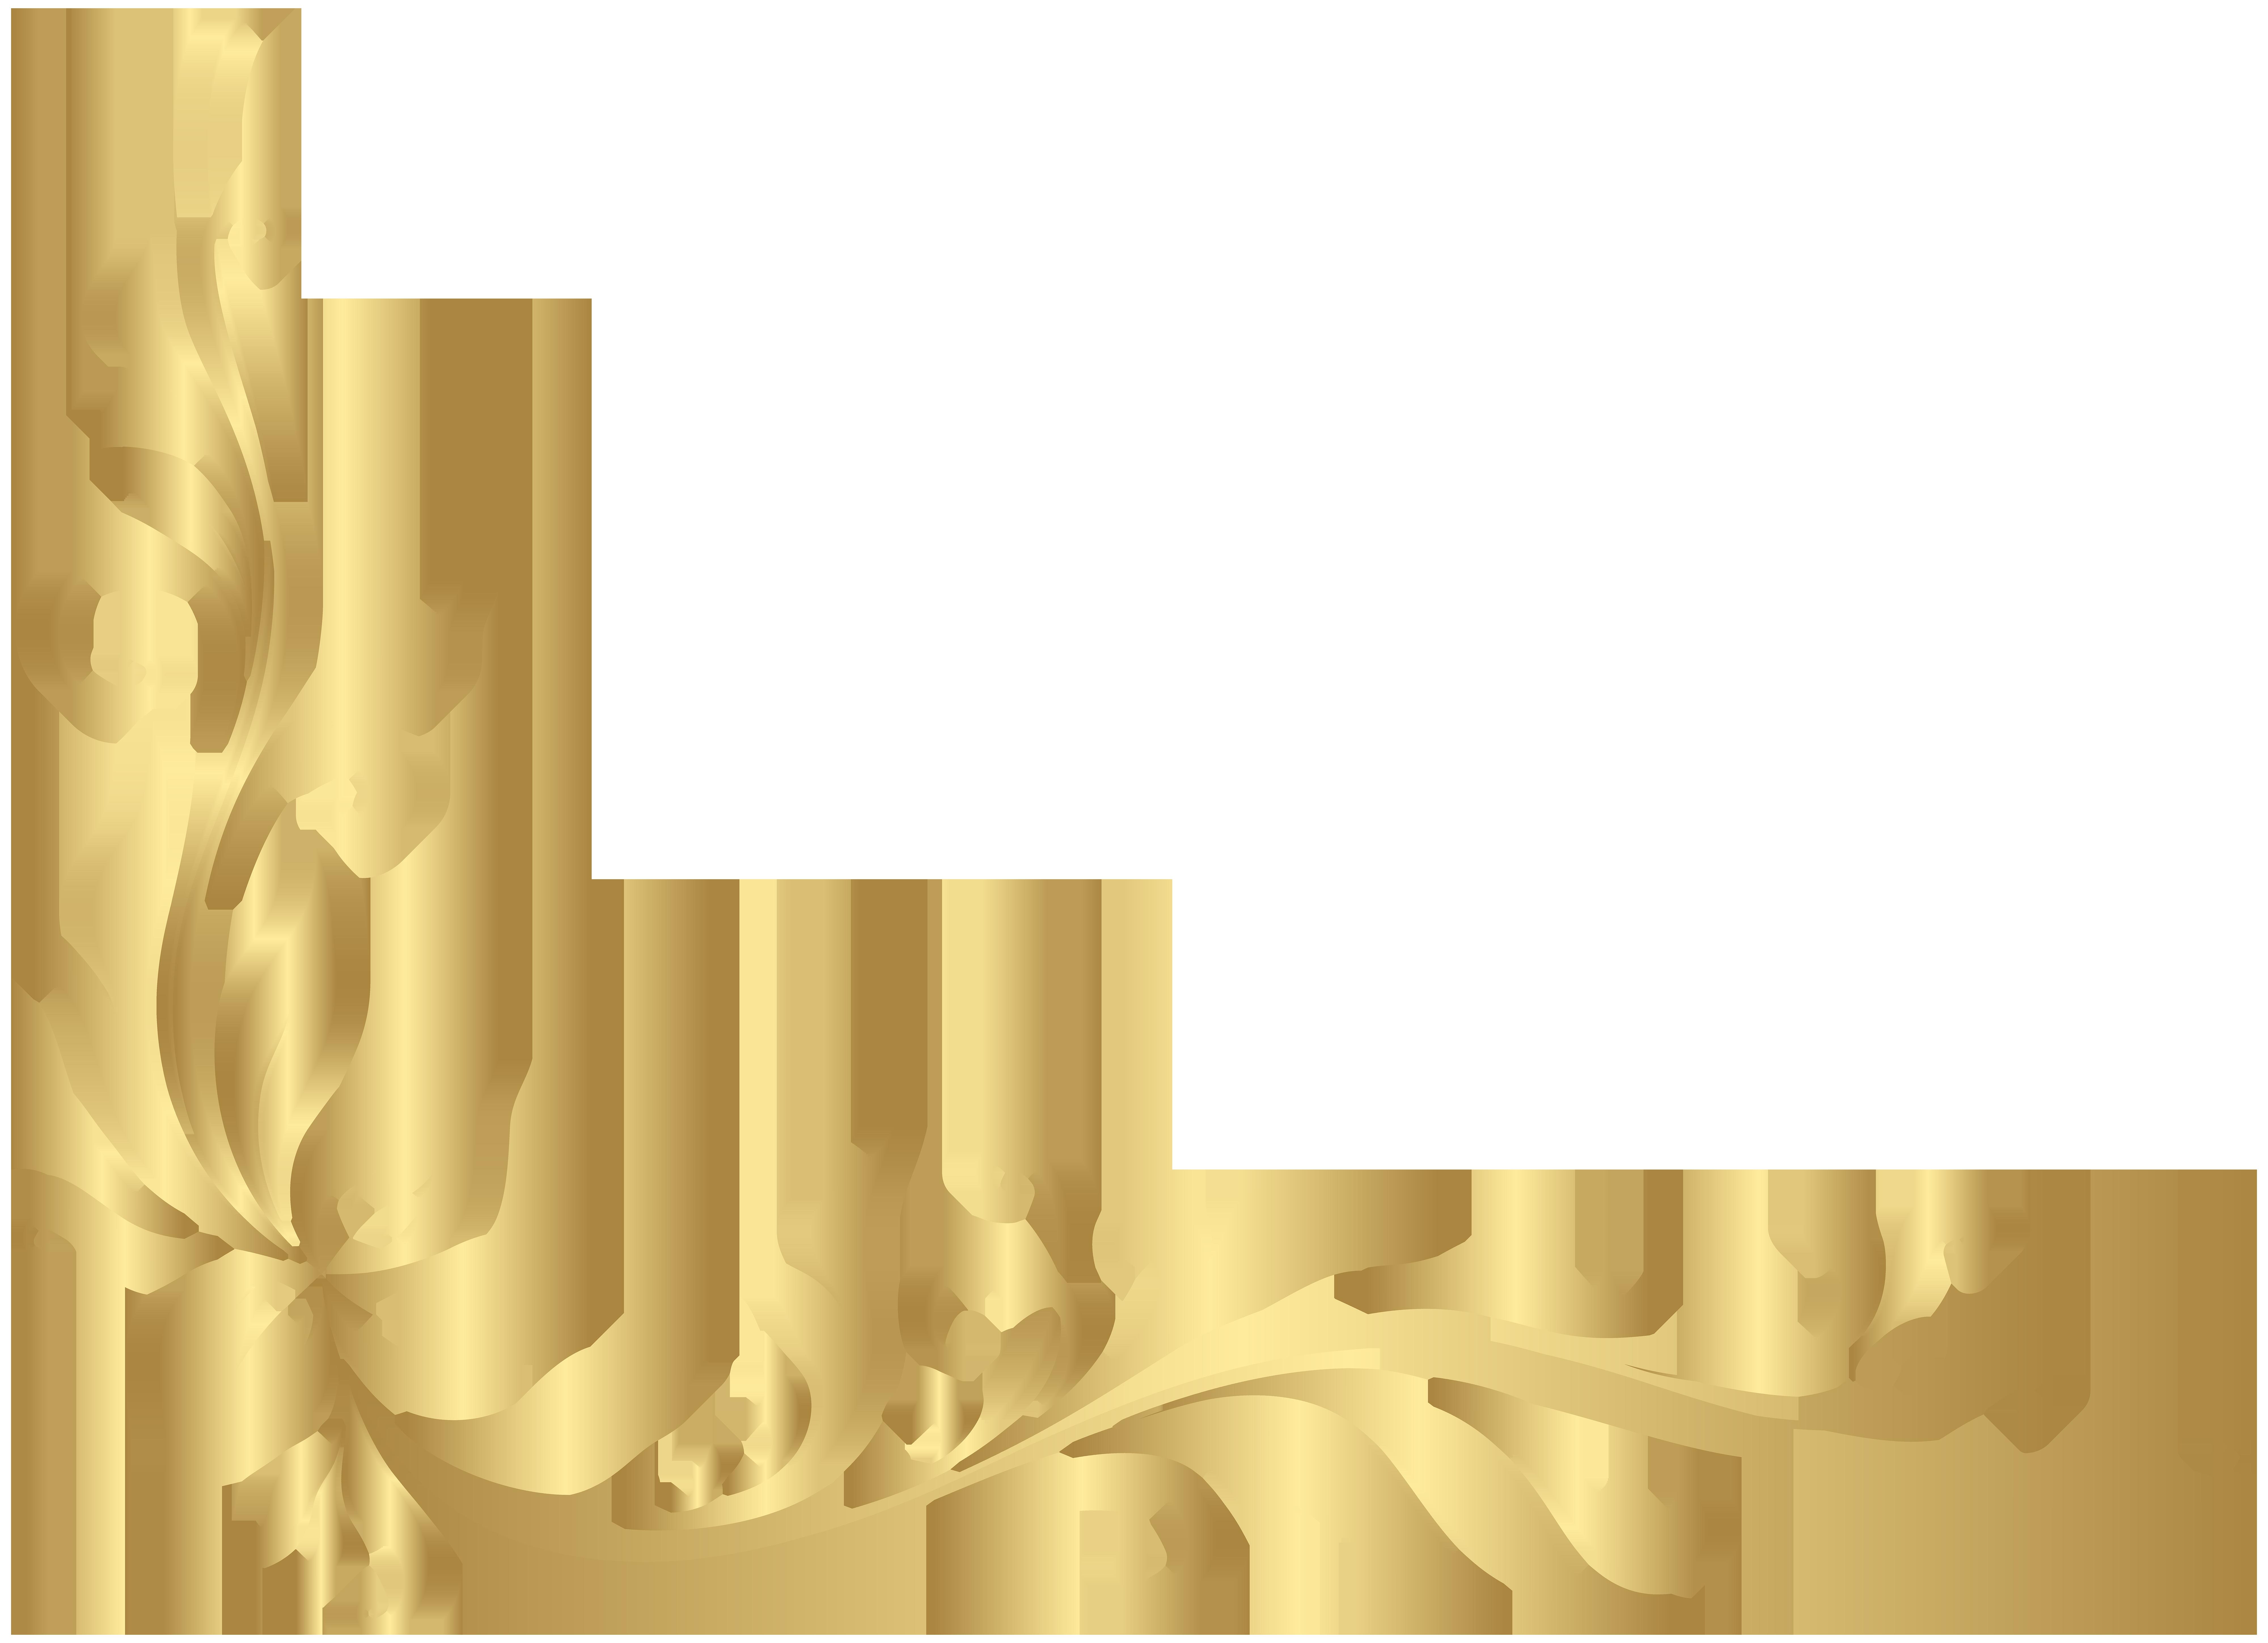 Clipart bow floral. Golden decoration transparent png